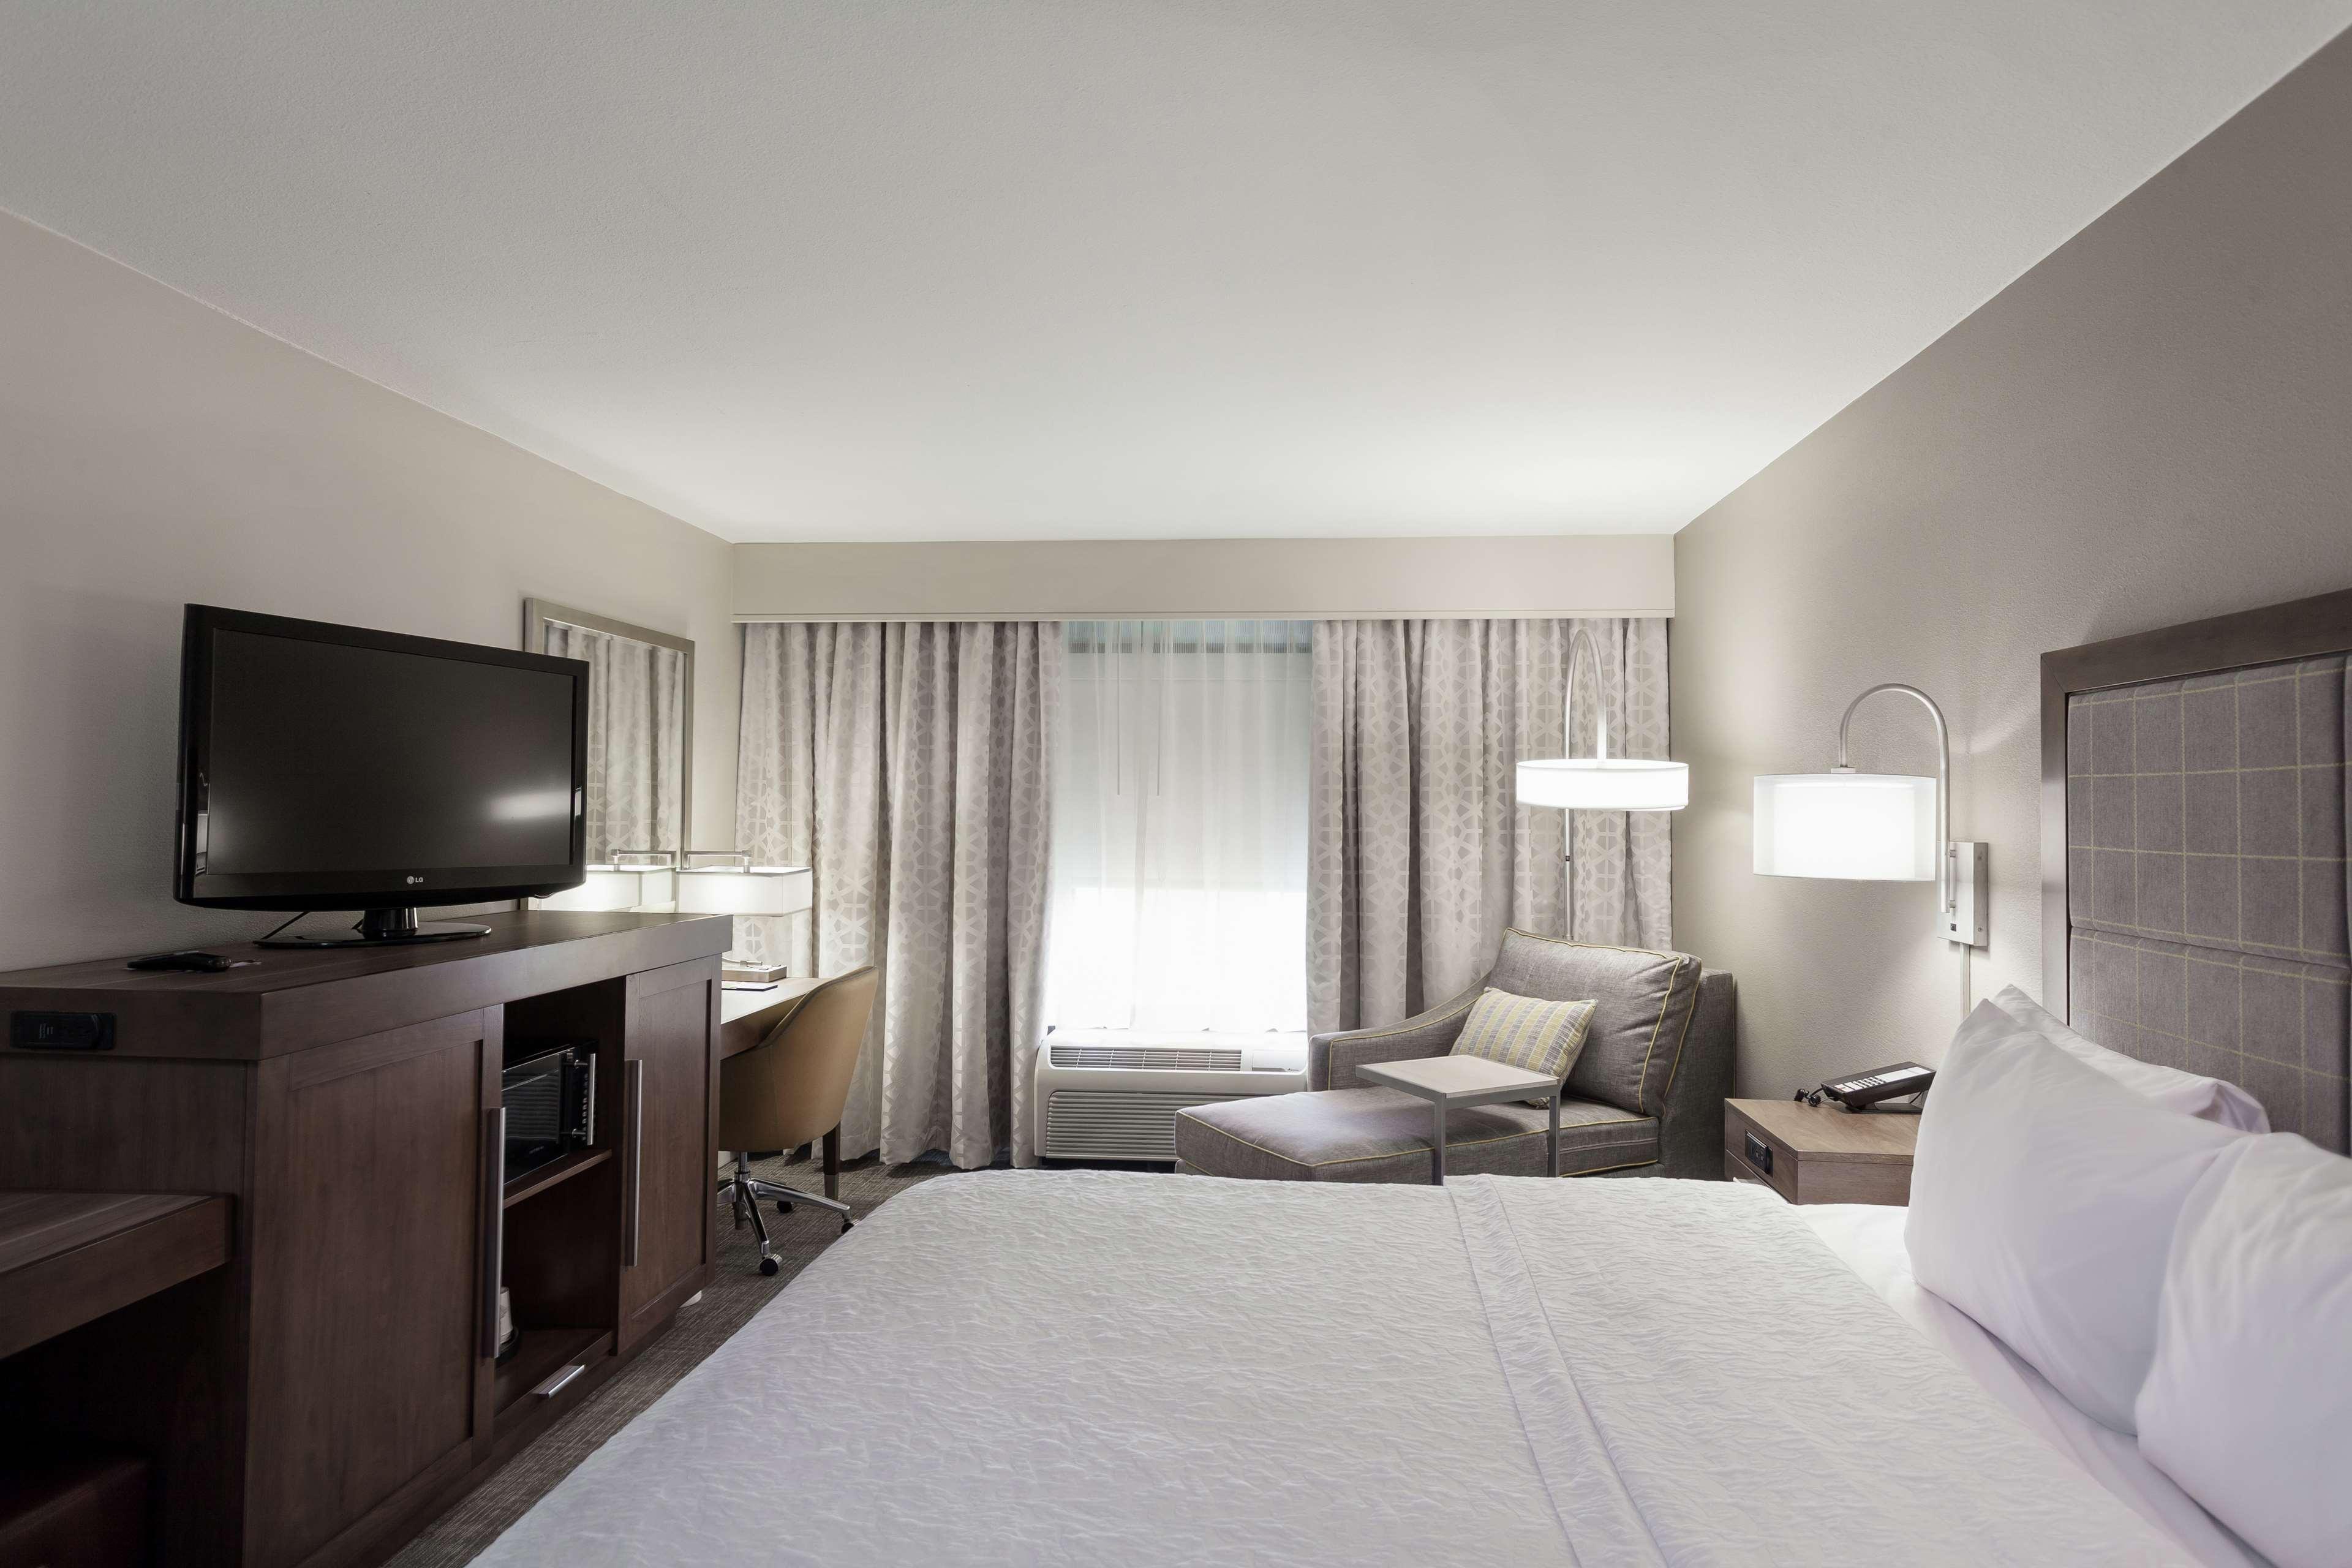 Hampton Inn & Suites Dallas-DFW Airport North-Grapevine in Grapevine, TX, photo #15